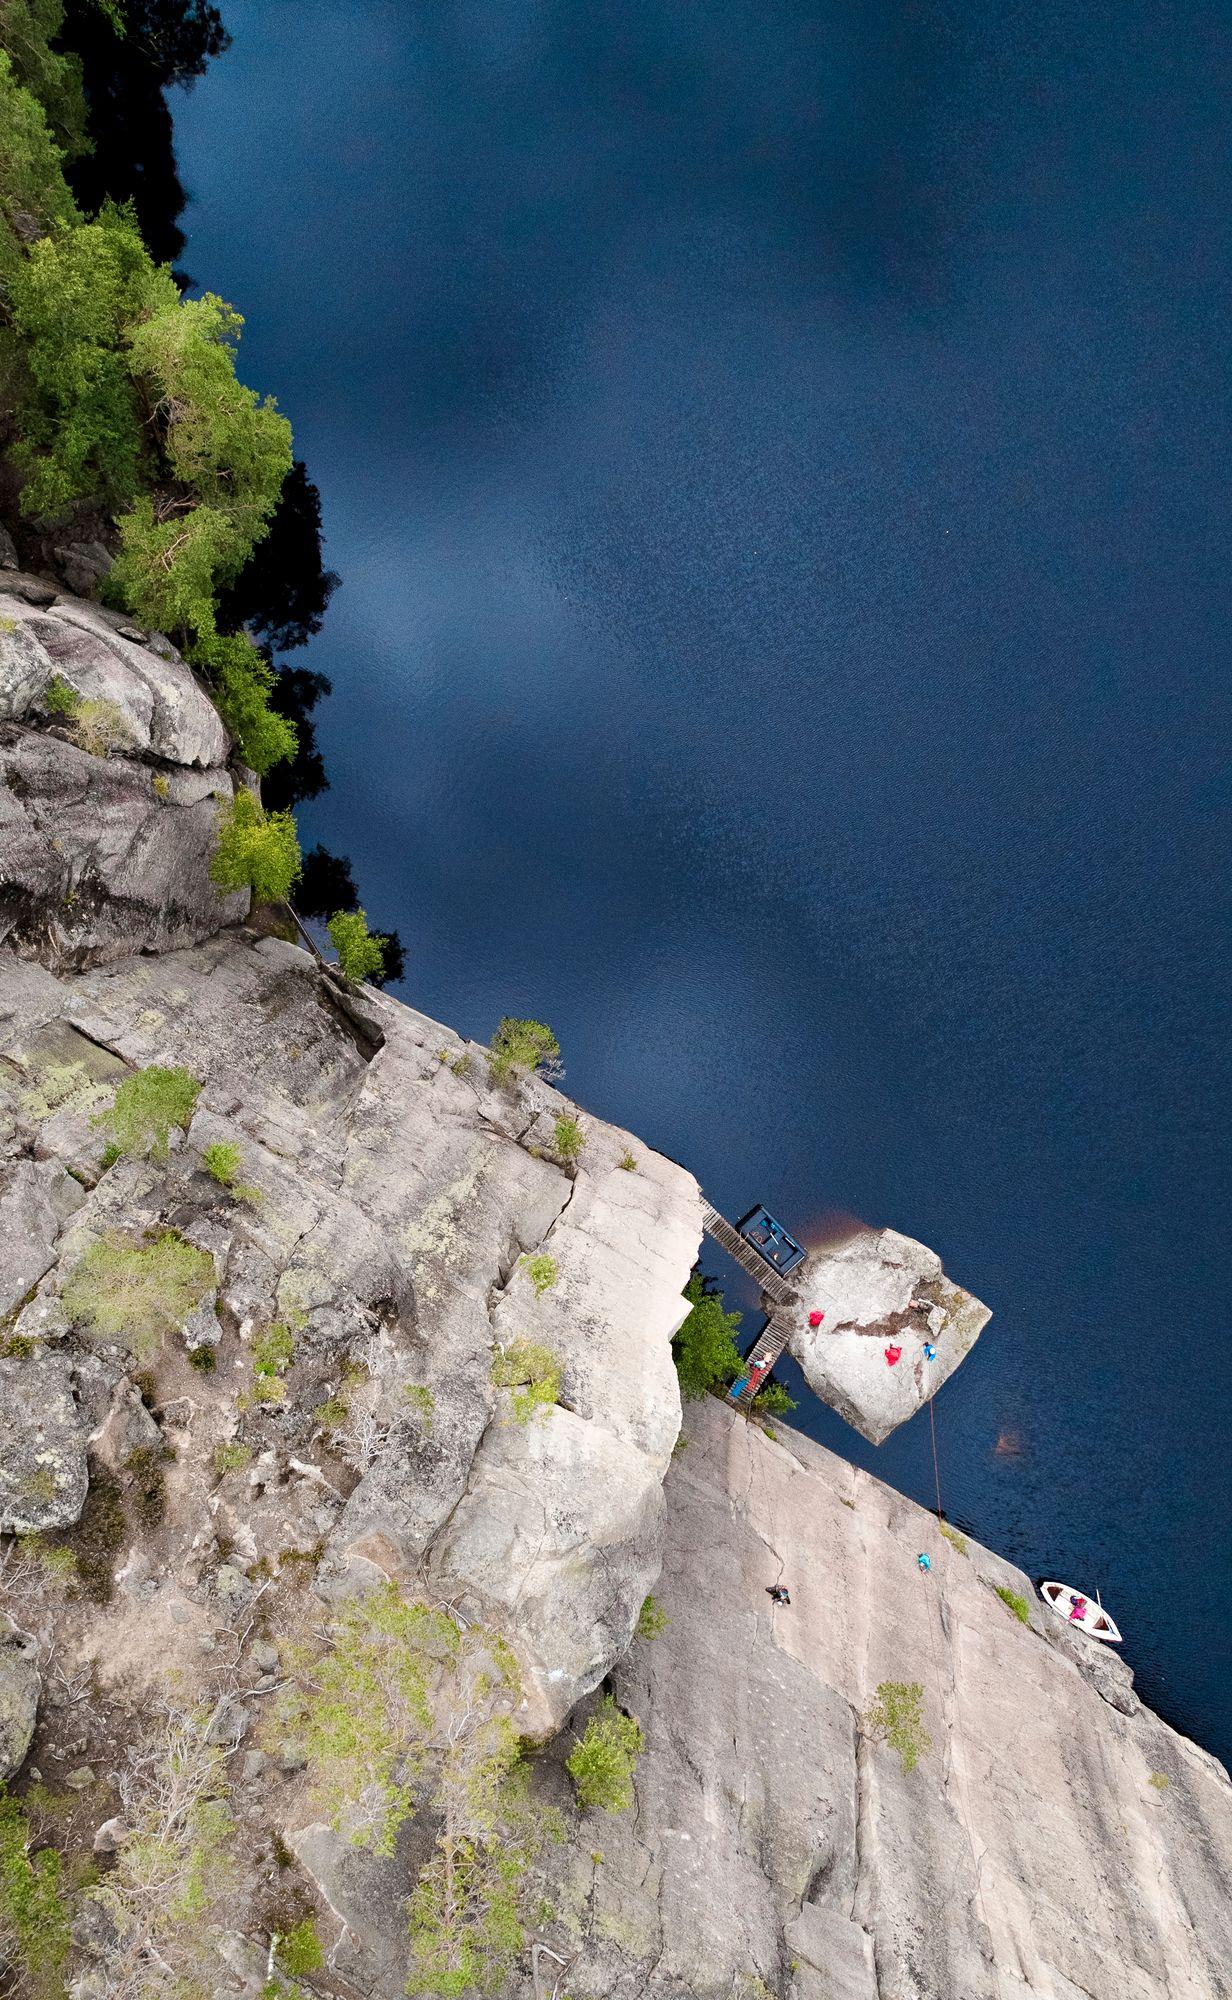 Noin 40 metriä korkea Olhava on Suomen korkeimpia kiipeilykallioita. Sen kylkeä pitkin voi laskeutua suoraan veteen. © Tommi Mattila